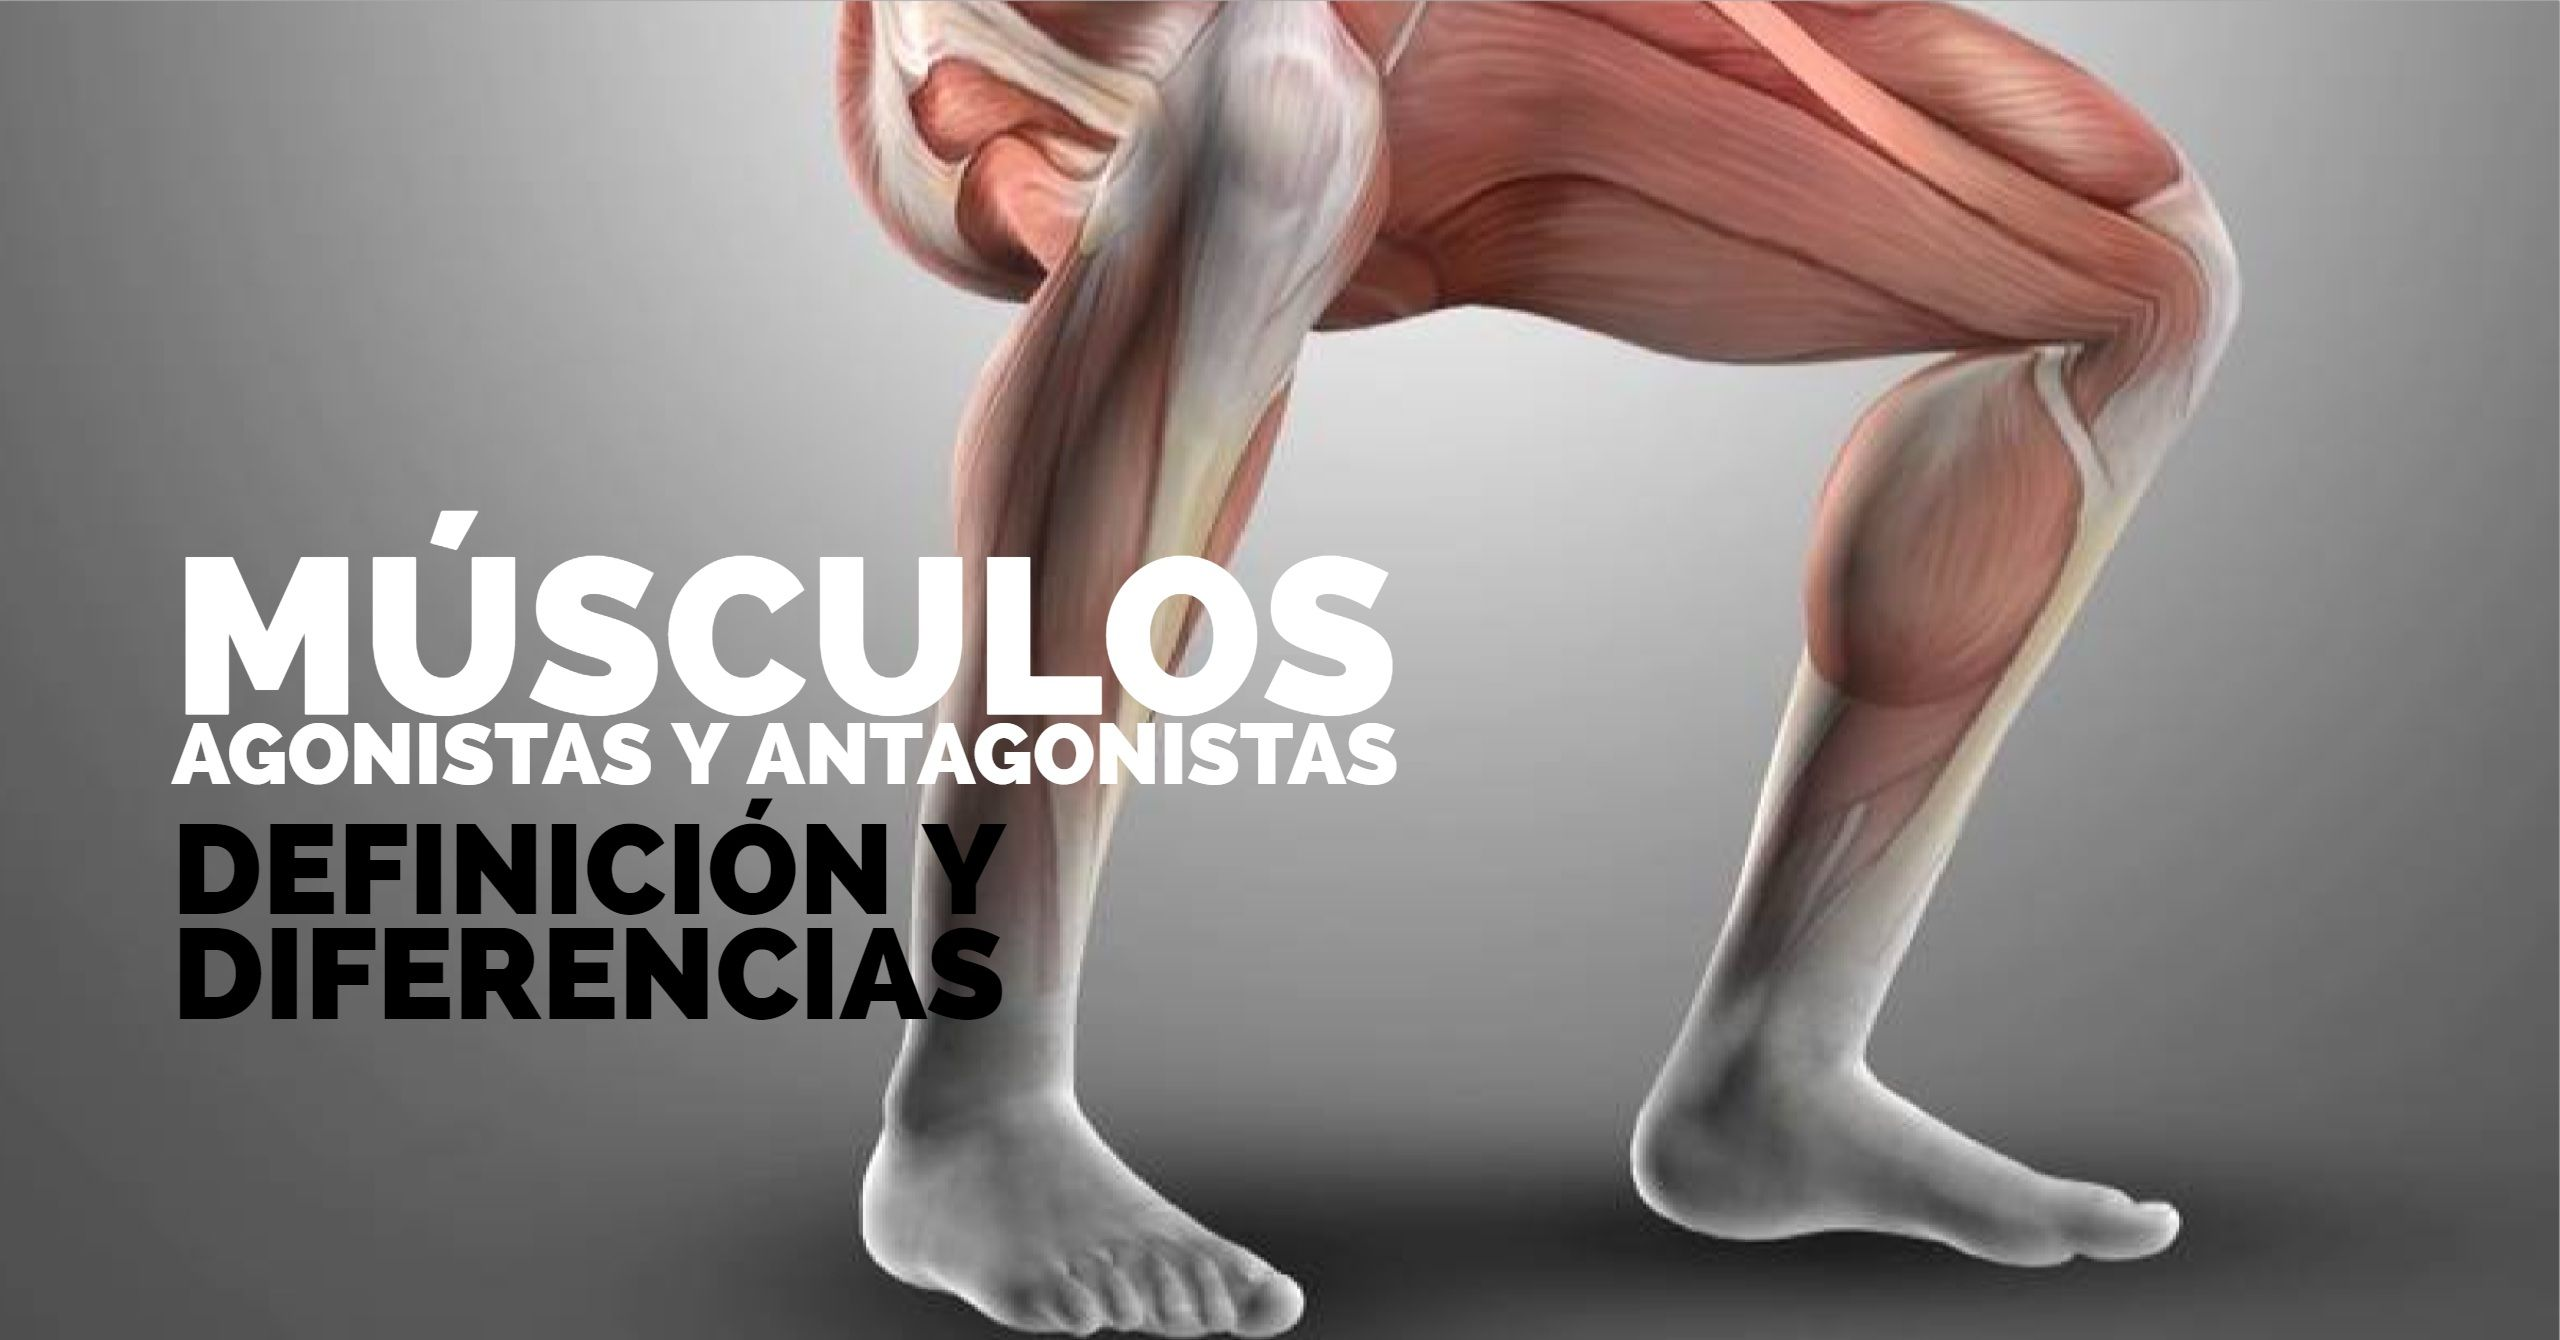 Músculos agonistas y antagonistas: Definición y diferencias | 21.42 ...